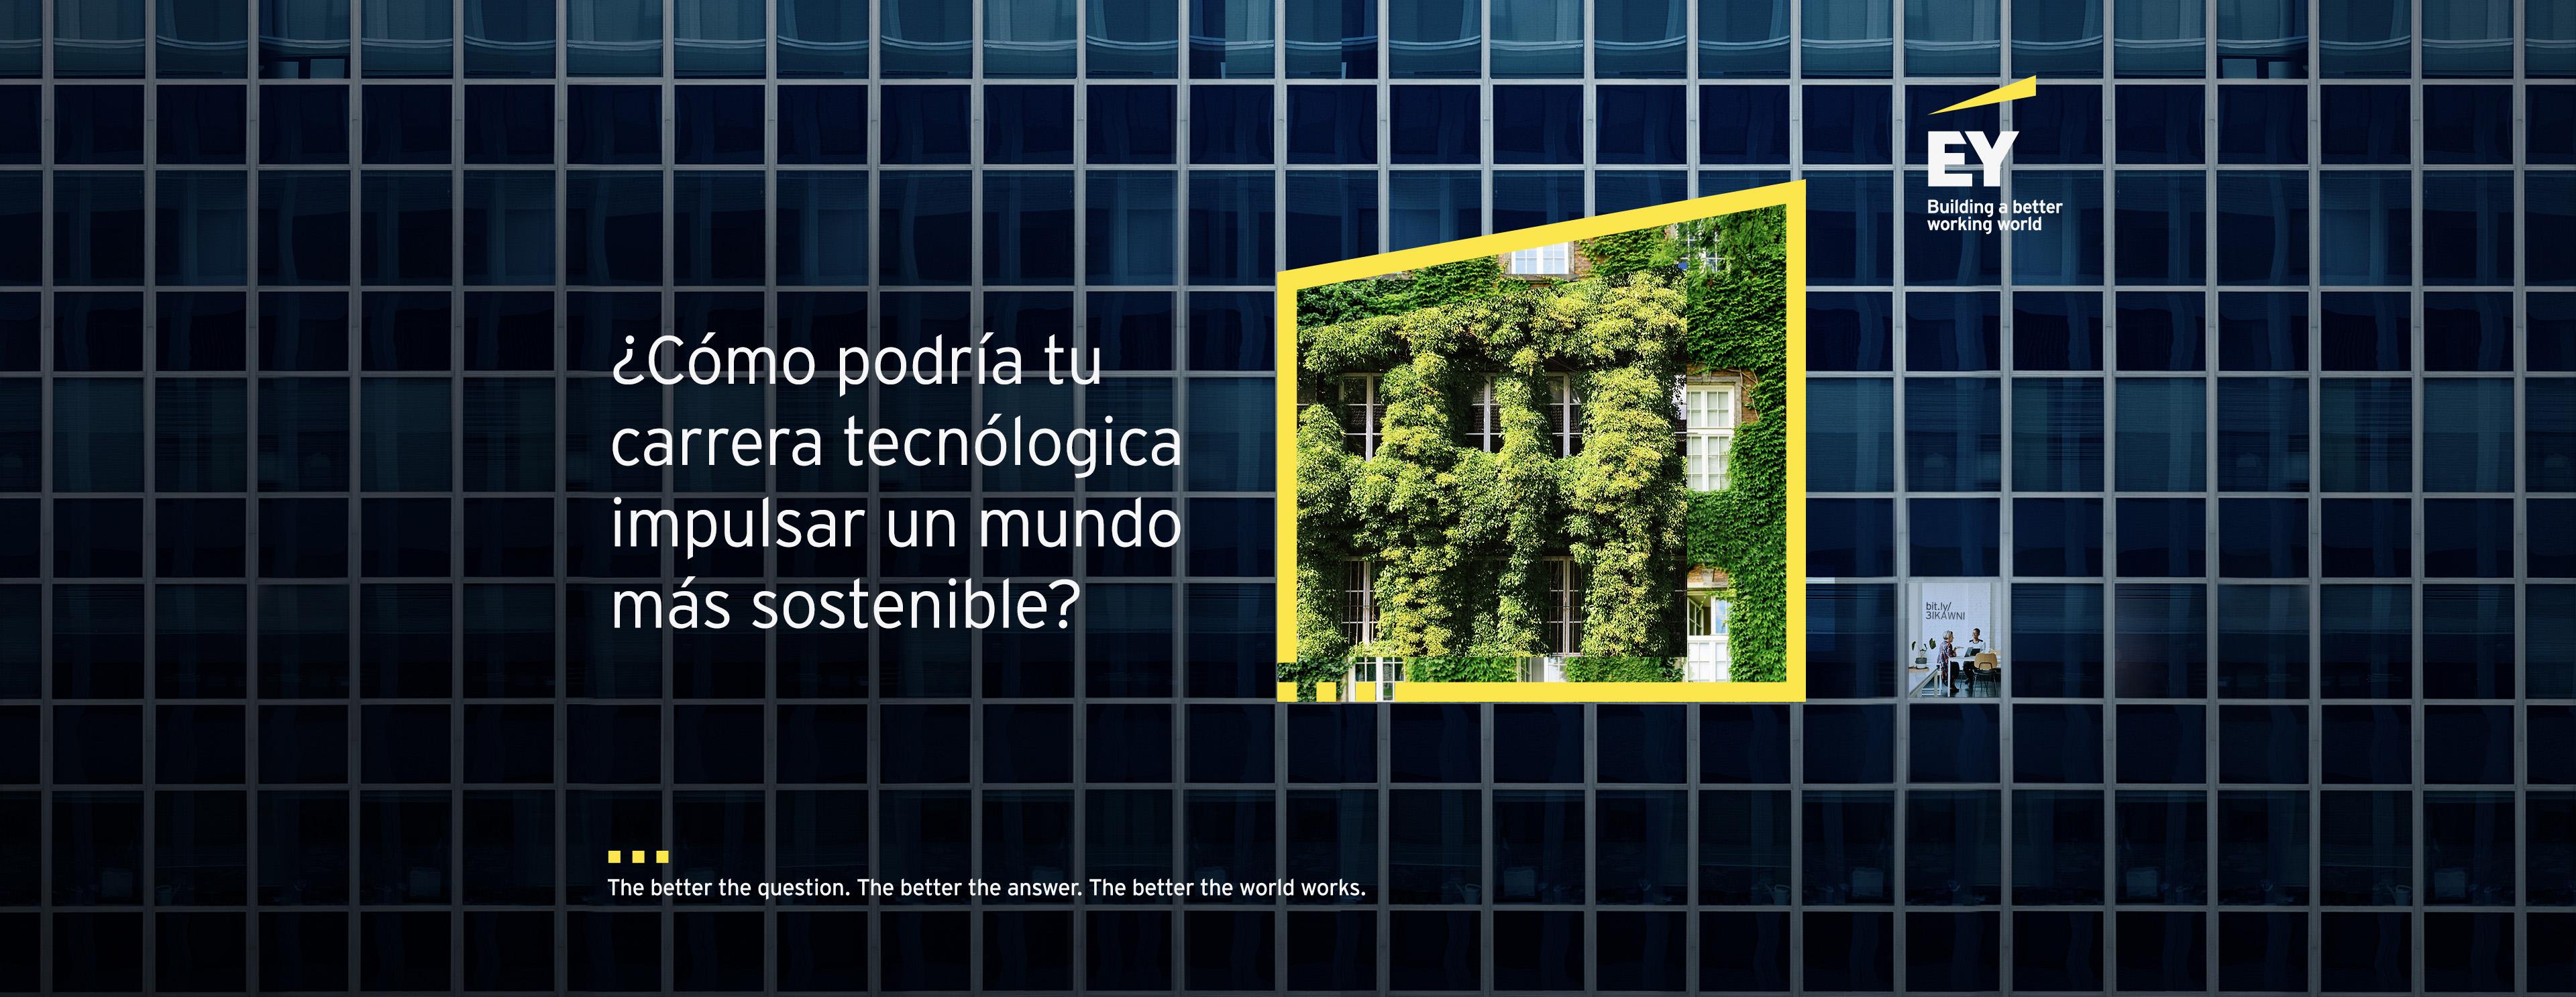 ¿Cómo podría tu carrera tecnológica impulsar un mundo más sostenible?